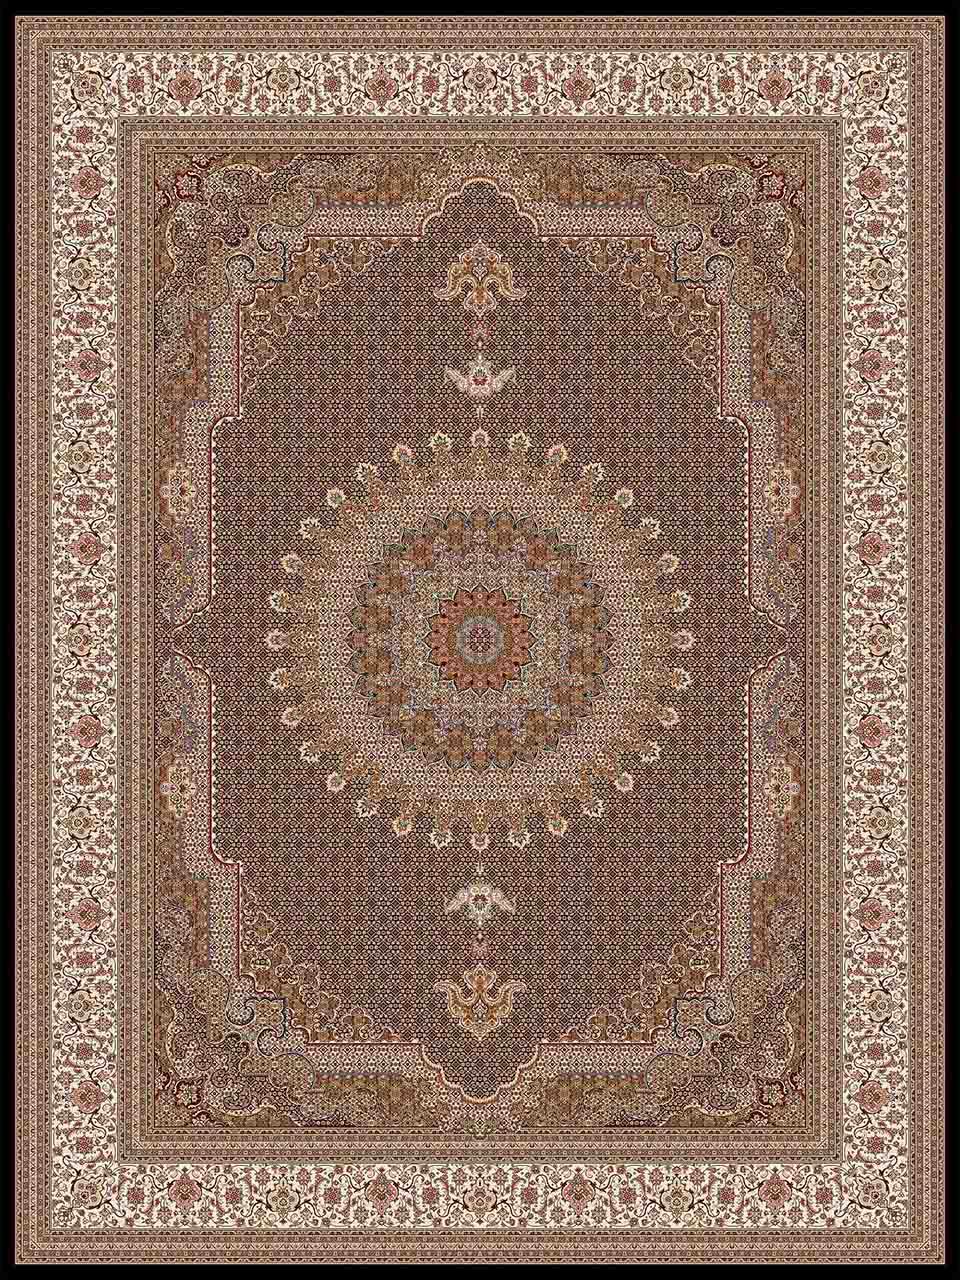 فرش (14013) اکریلیک - 8 رنگ - 700 شانه - مشكي - تراکم 2100